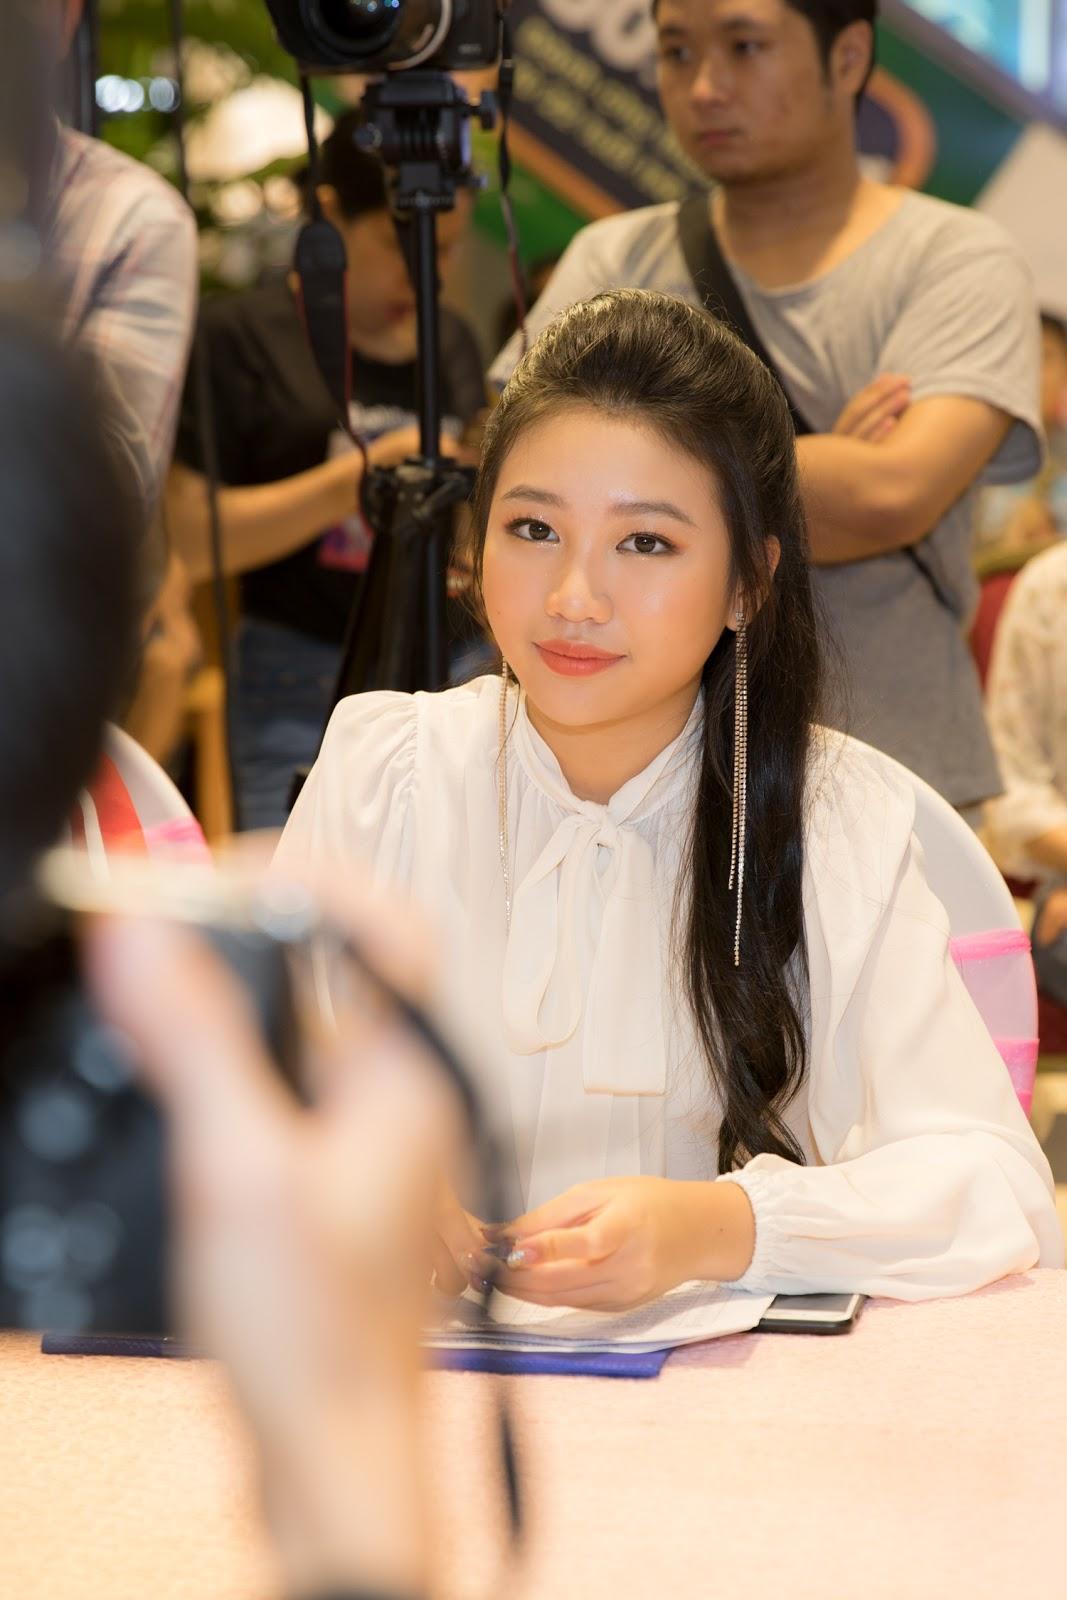 Hoa hậu nhí Ngọc Lan Vy xinh xắn cùng Trịnh Tú Trung hội ngộ thiếu nhi Hà Nội - Hình 2